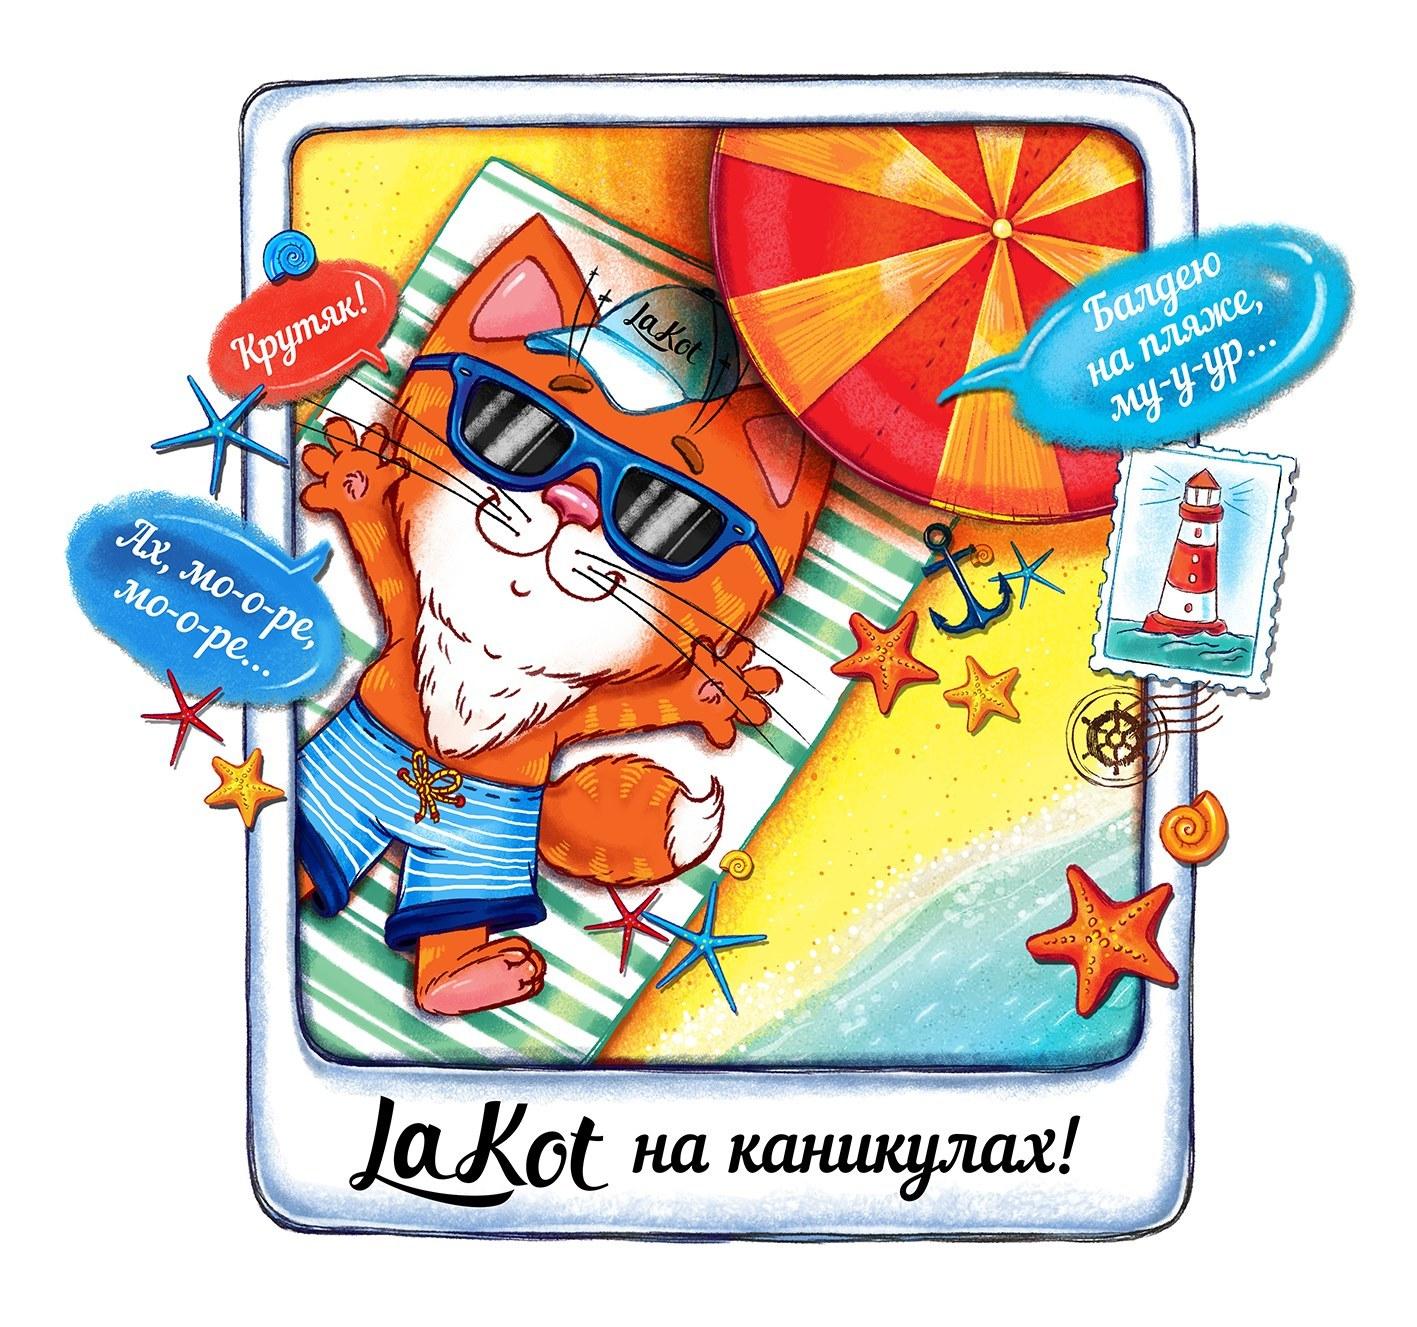 В LaKot отпуск с 08 по 26 августа 2019 года.